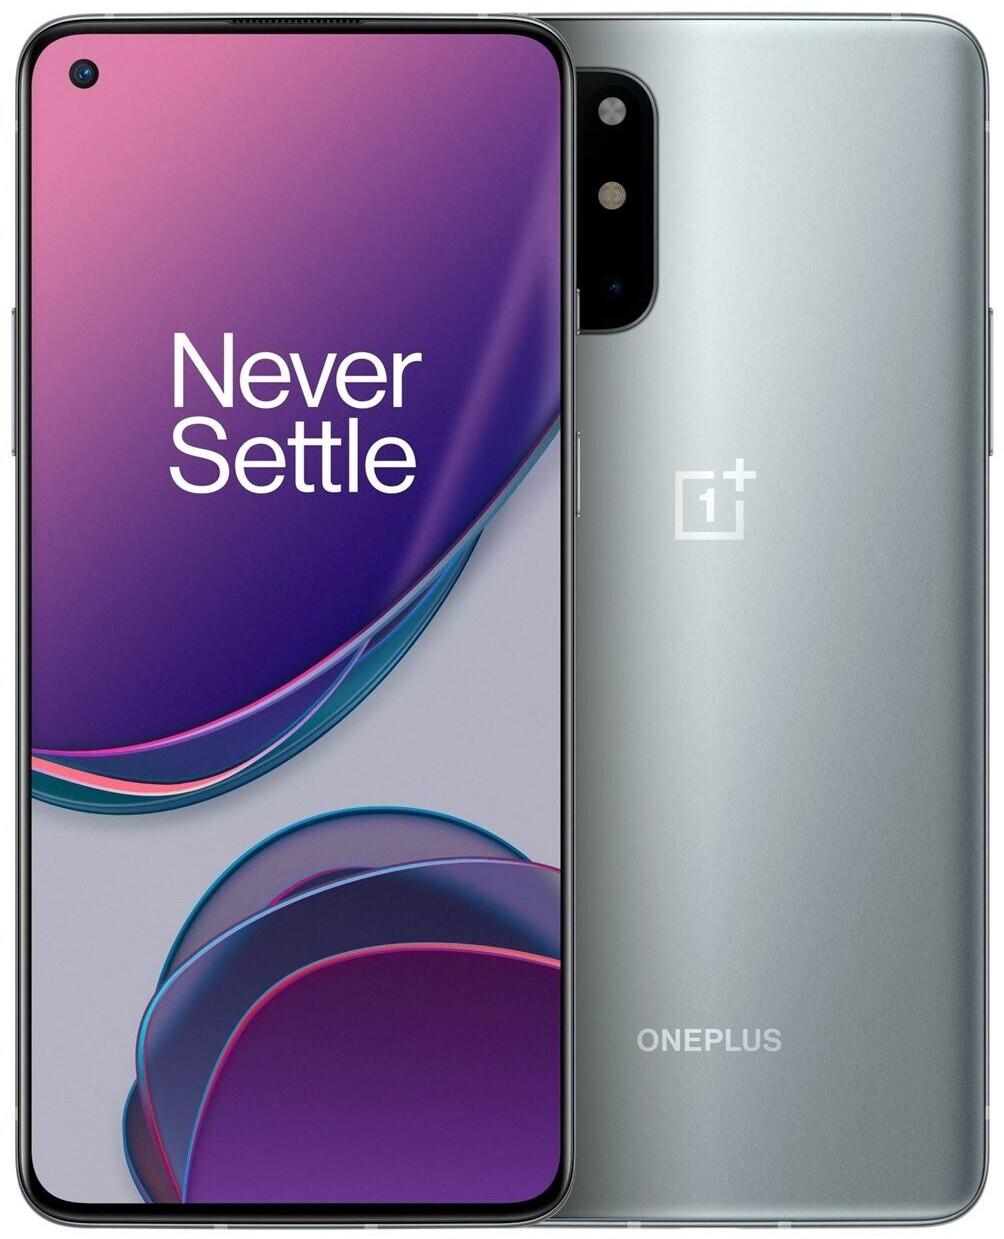 """Smartphone 6.55"""" OnePlus 8T 5G - FHD+ 120Hz, SnapDragon 865, 8Go RAM, 128Go, argent, chargeur UK avec adaptateur EU (410€ via HAPPYFR25)"""